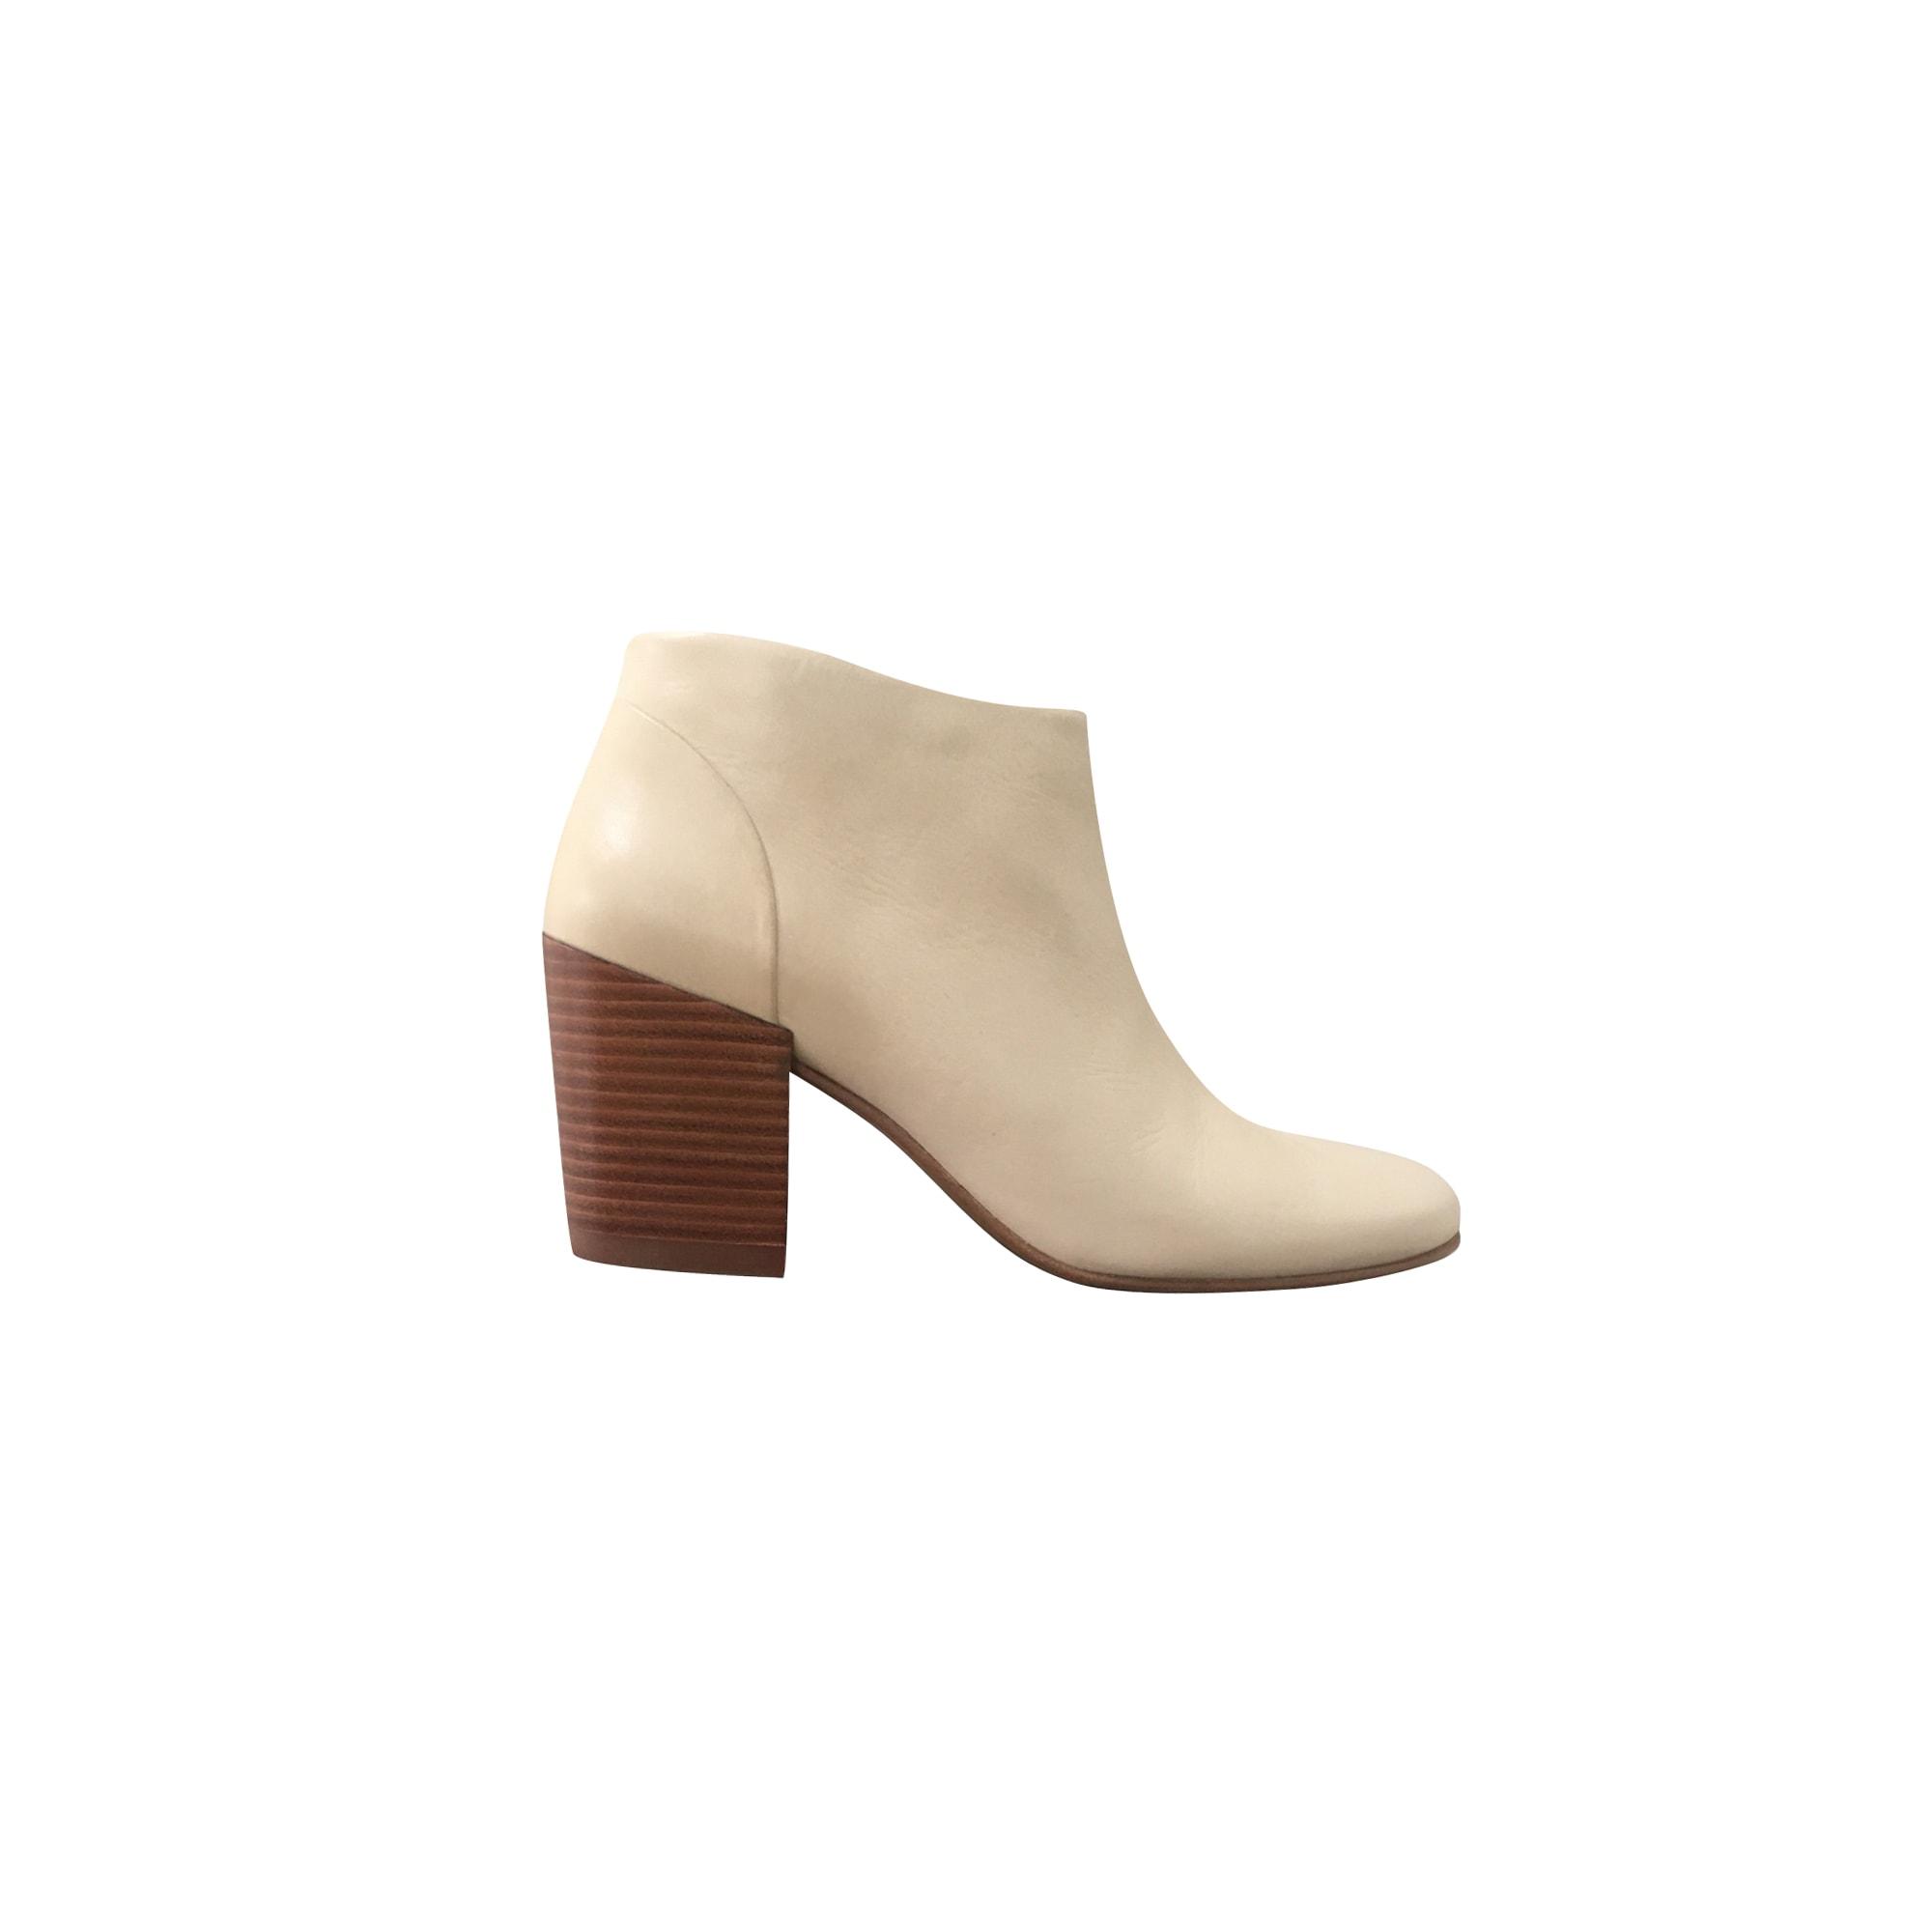 Bottines & low boots à talons COTÉLAC Beige, camel